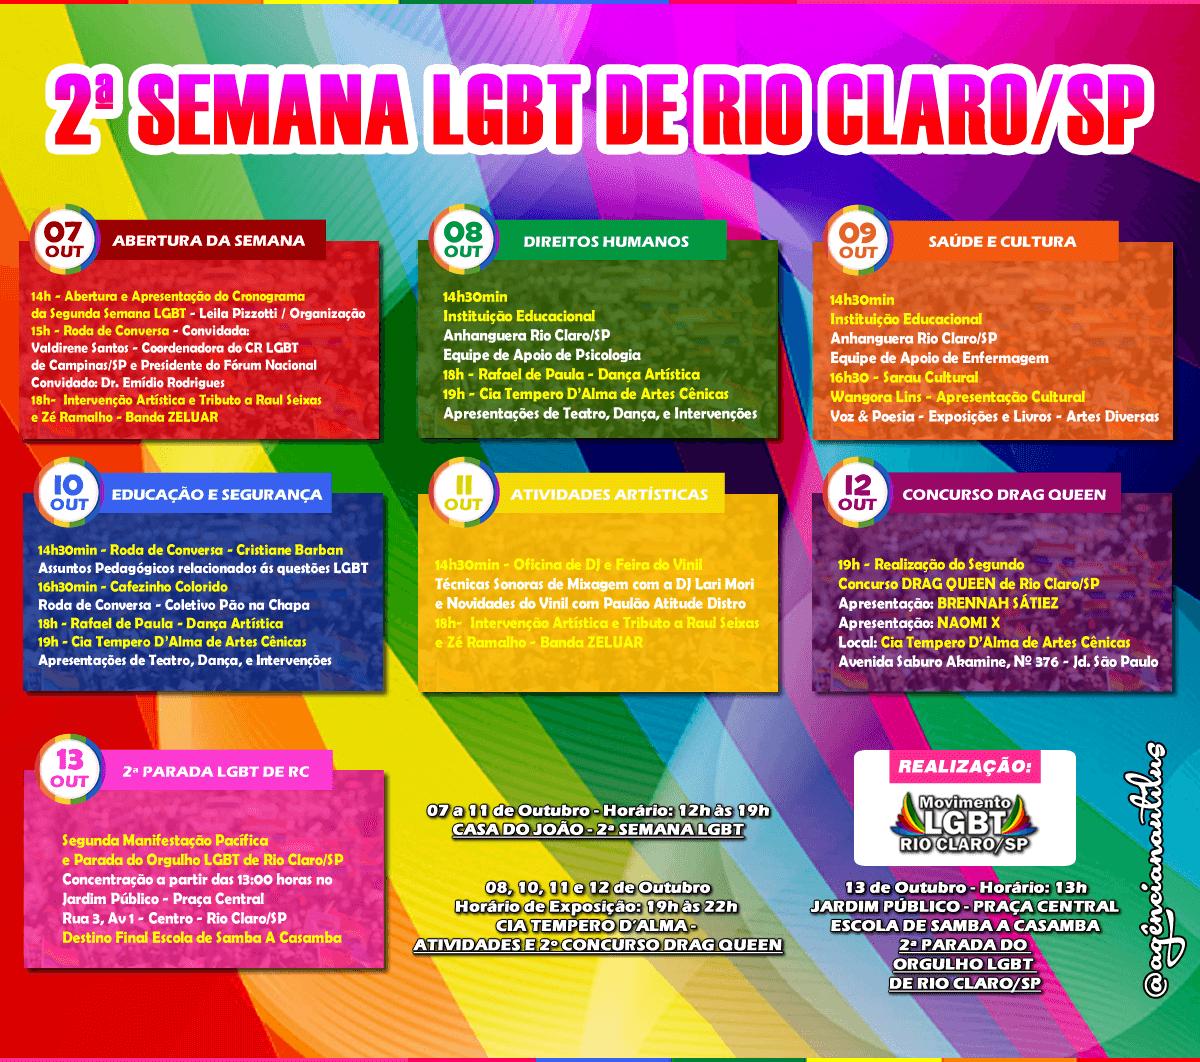 CARTAZ DA SEGUNDA SEMANA LGBT DE RIO CLARO SP - ANO DE 2019